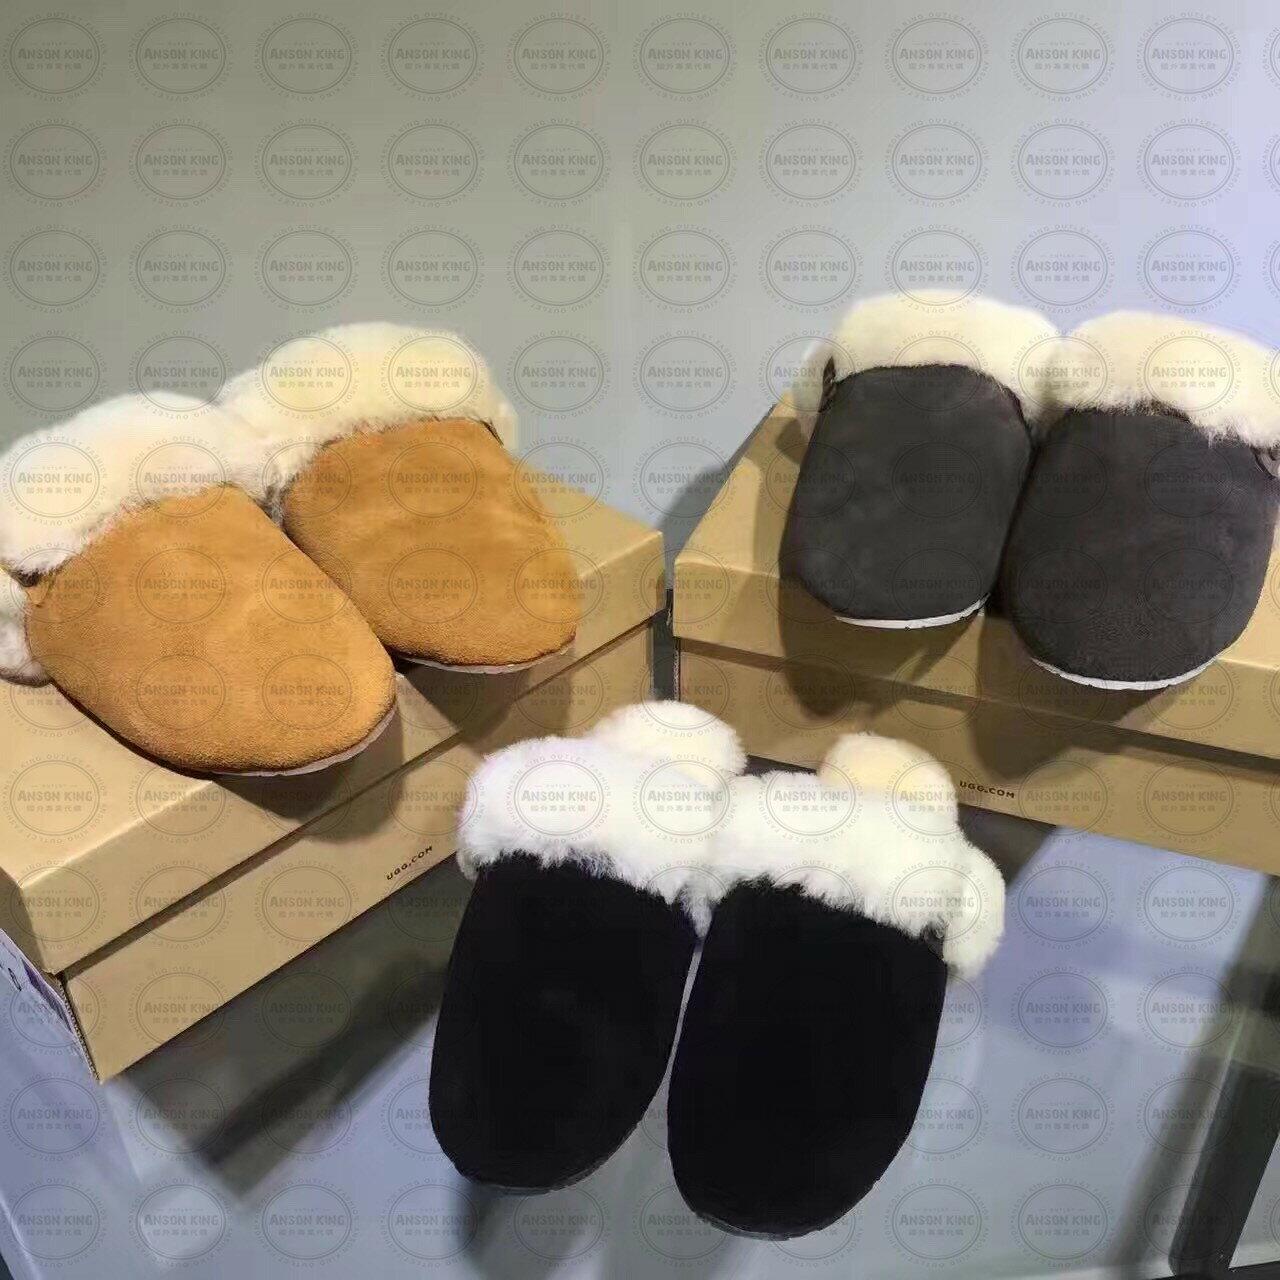 OUTLET代購 UGG 毛毛居家拖鞋 懶人鞋 真皮羊皮毛 雪靴 長靴 短靴 灰色 3